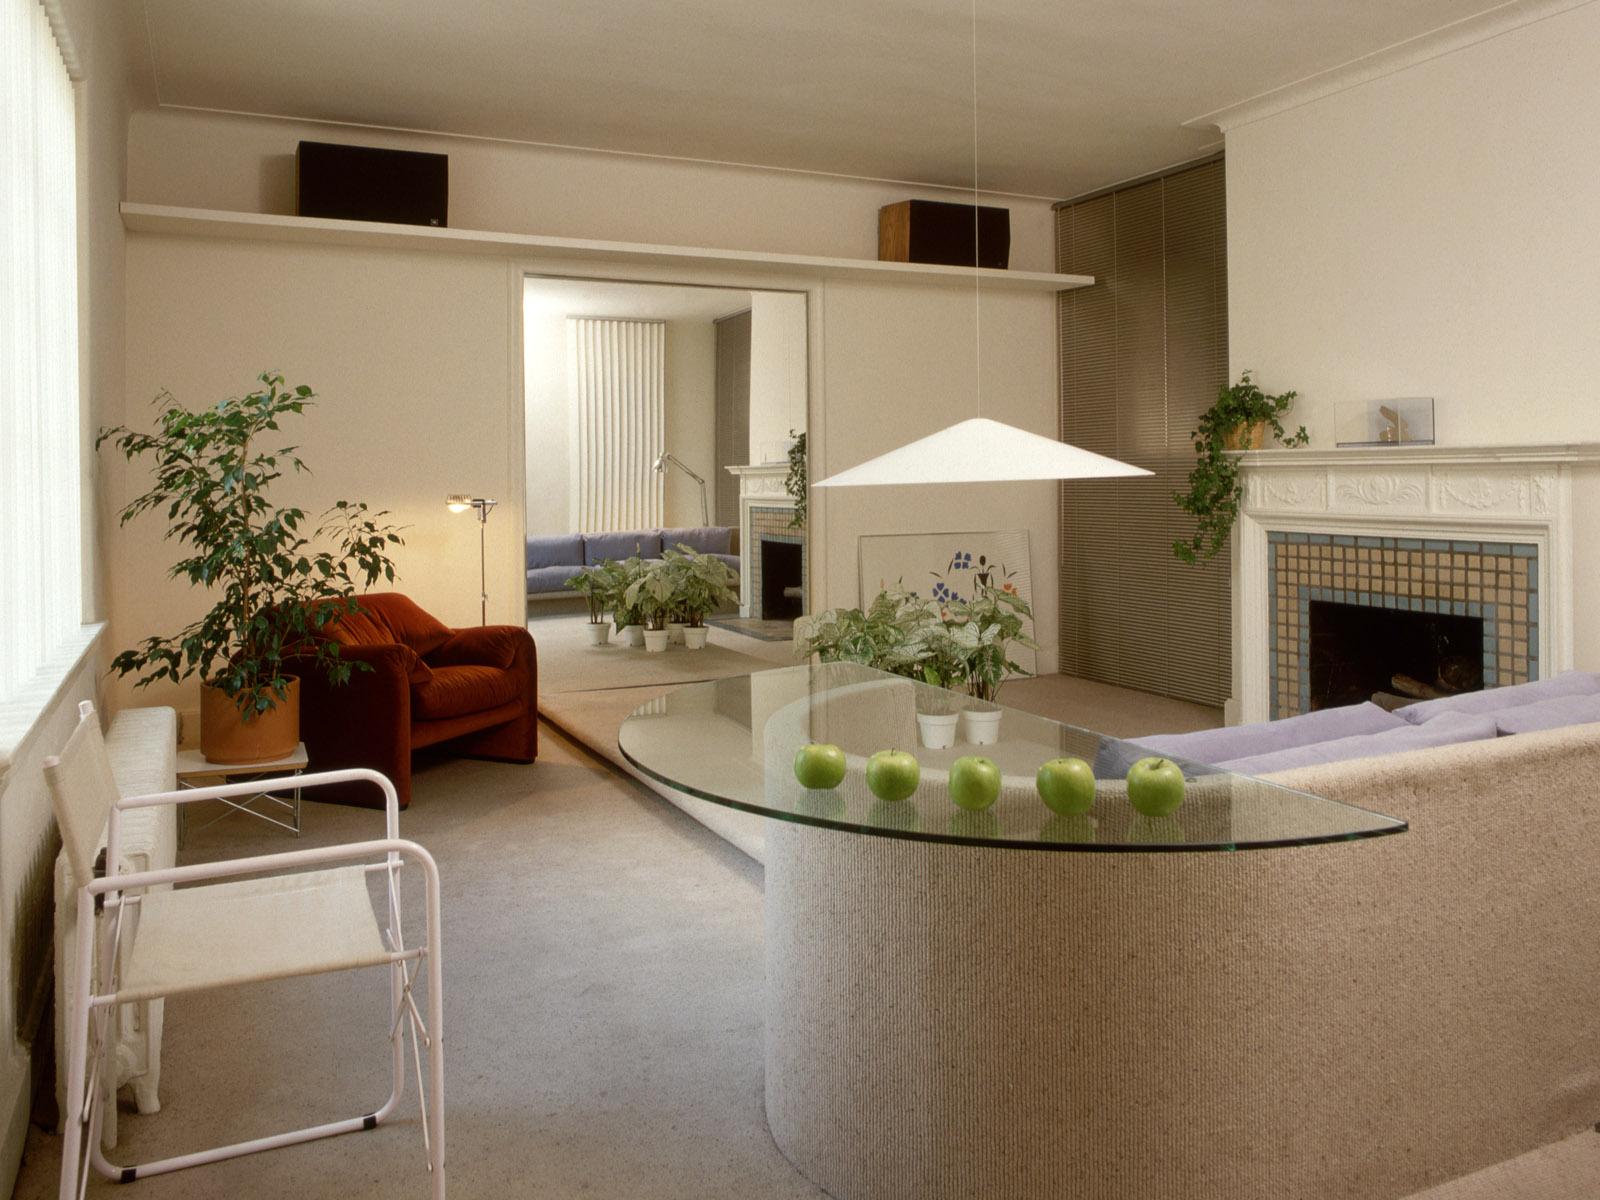 house interior design interior design wallpaper interior decorating 1600x1200